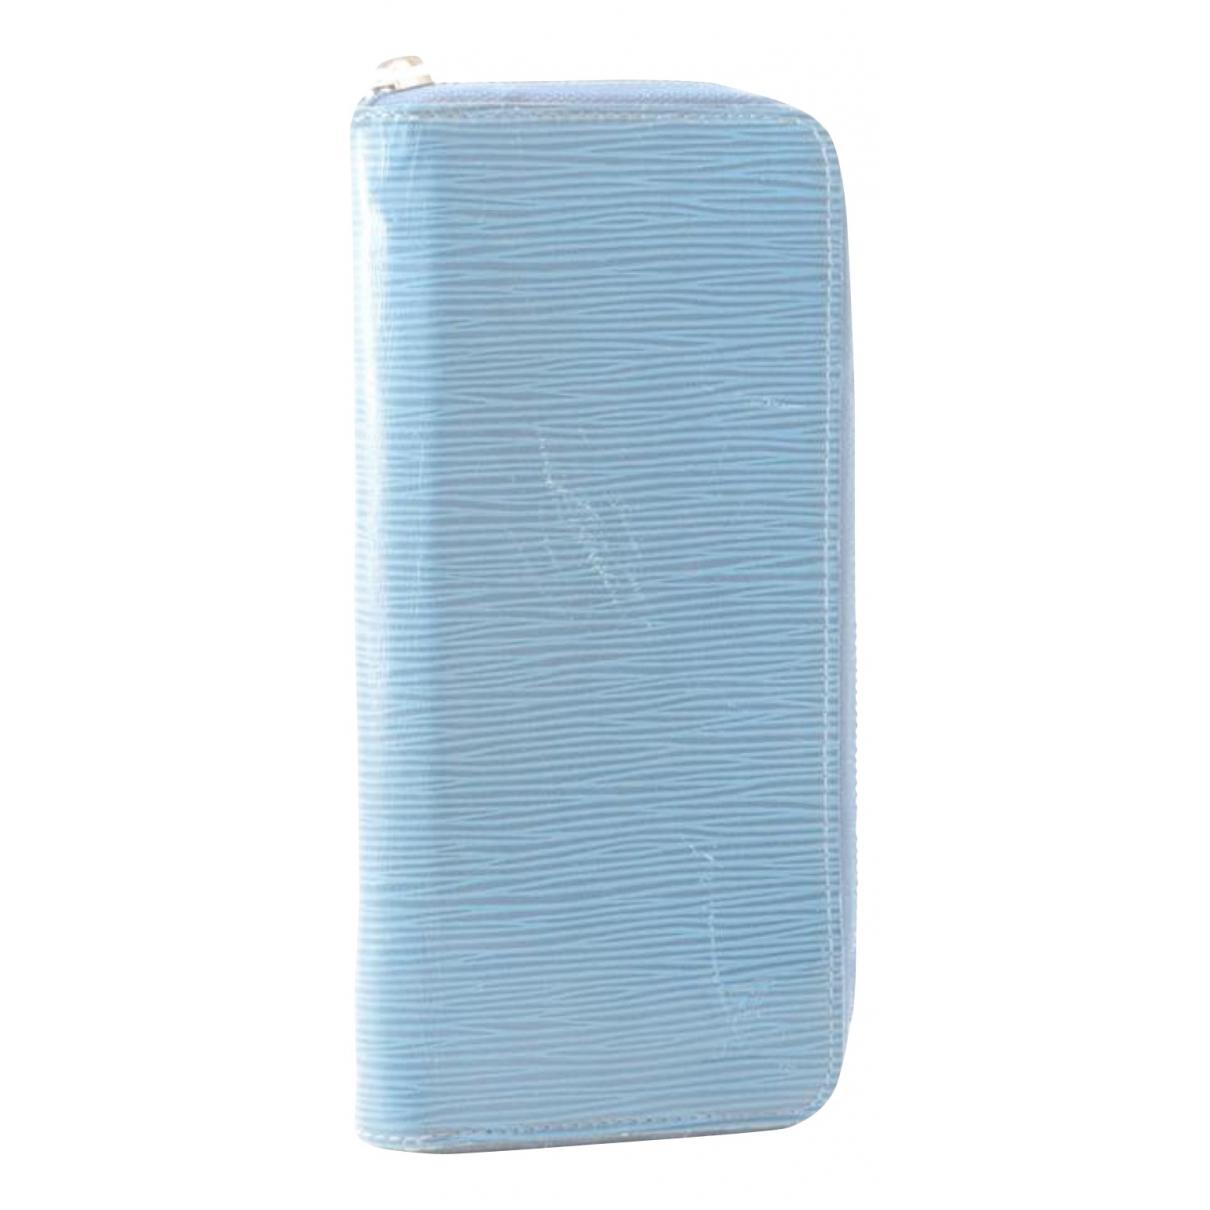 Louis Vuitton - Portefeuille Zippy pour femme en cuir verni - bleu